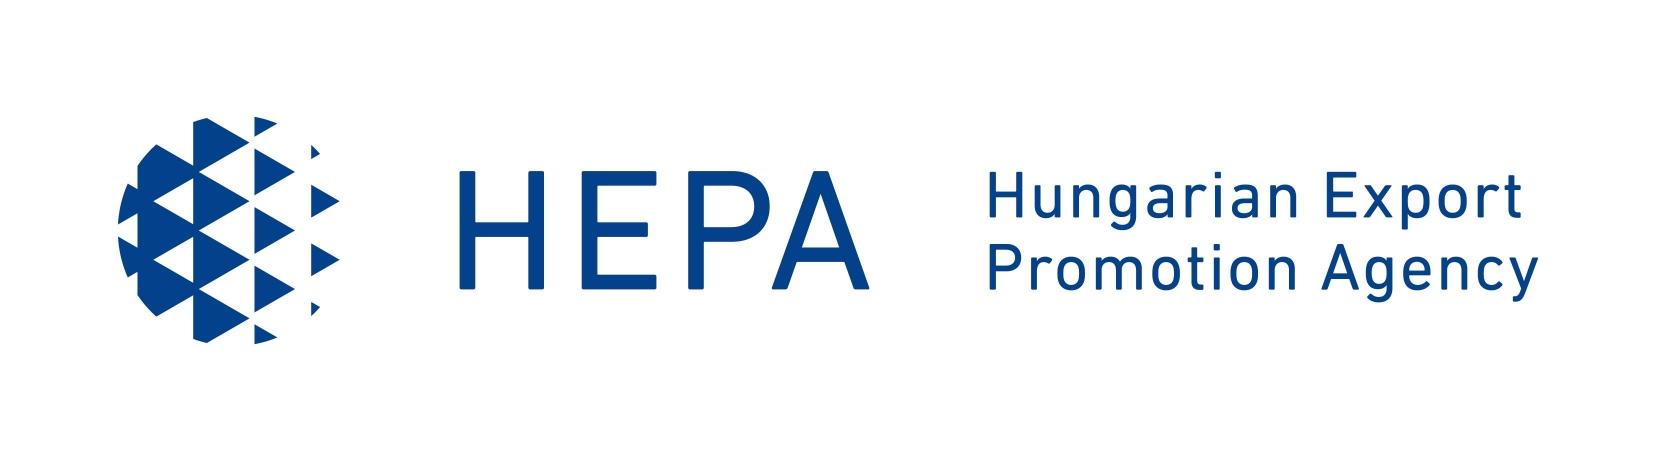 Венгерское Агентство по продвижению экспорта